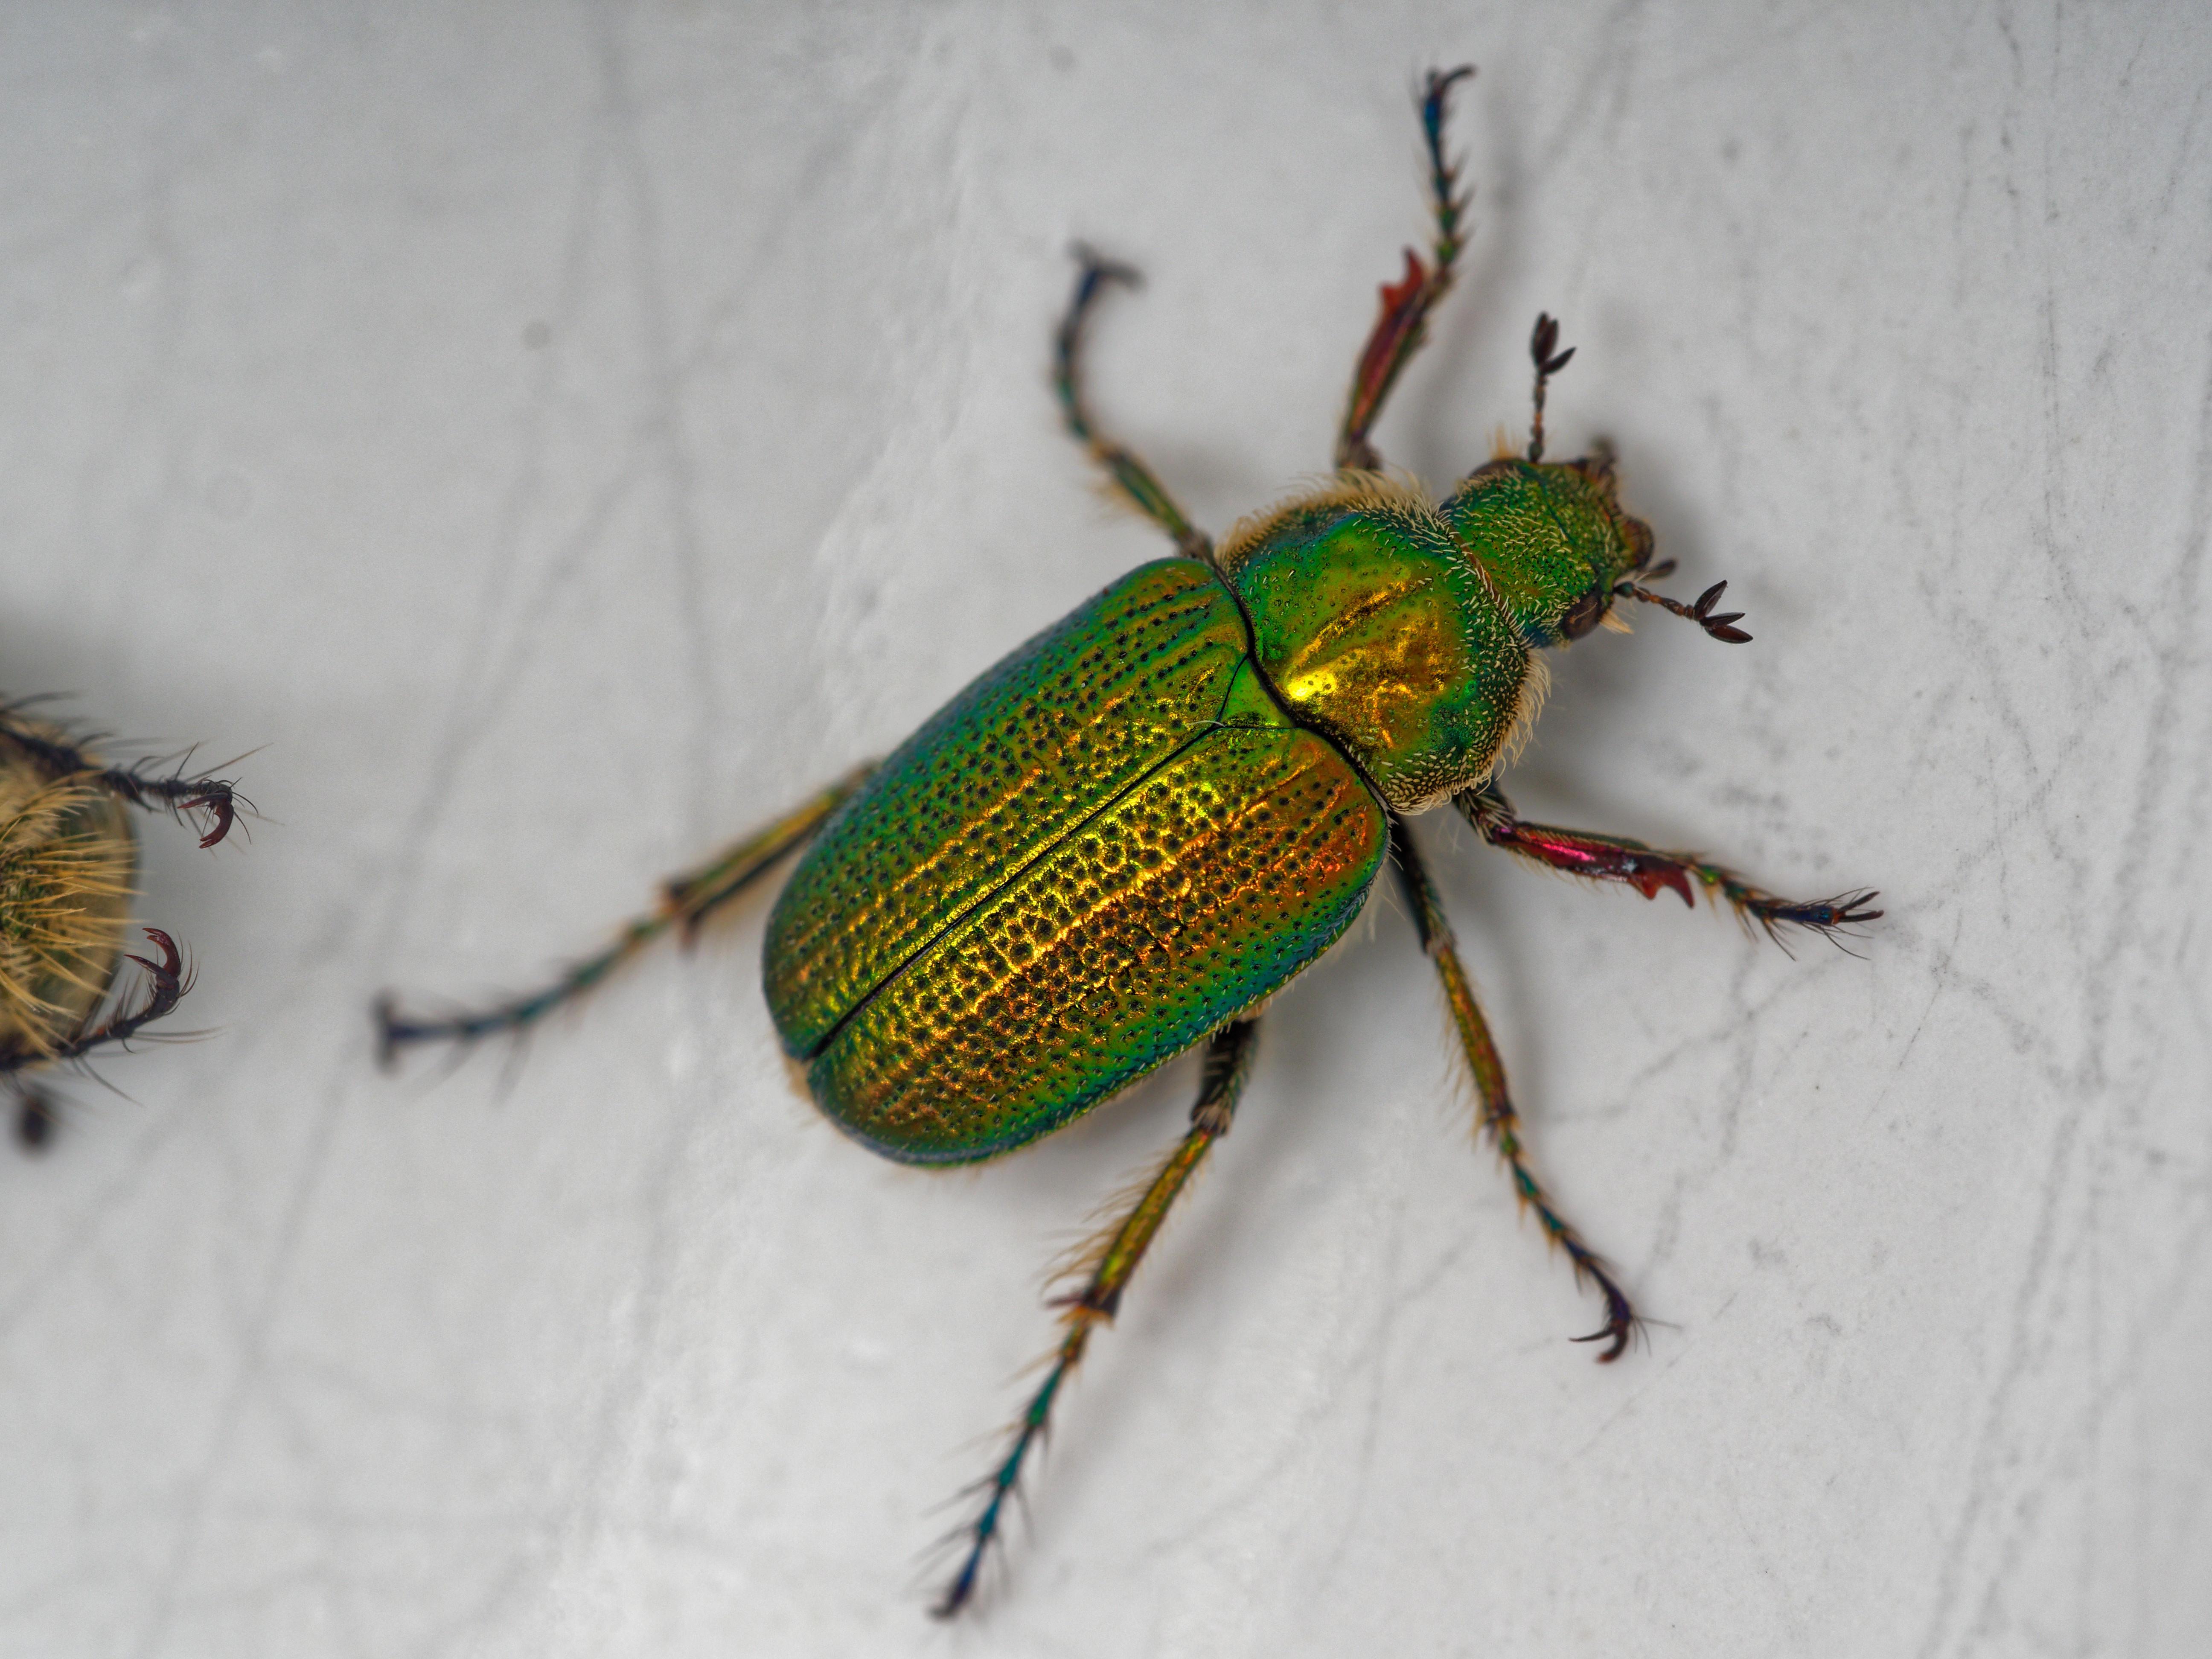 Christmas-beetle-9.jpeg